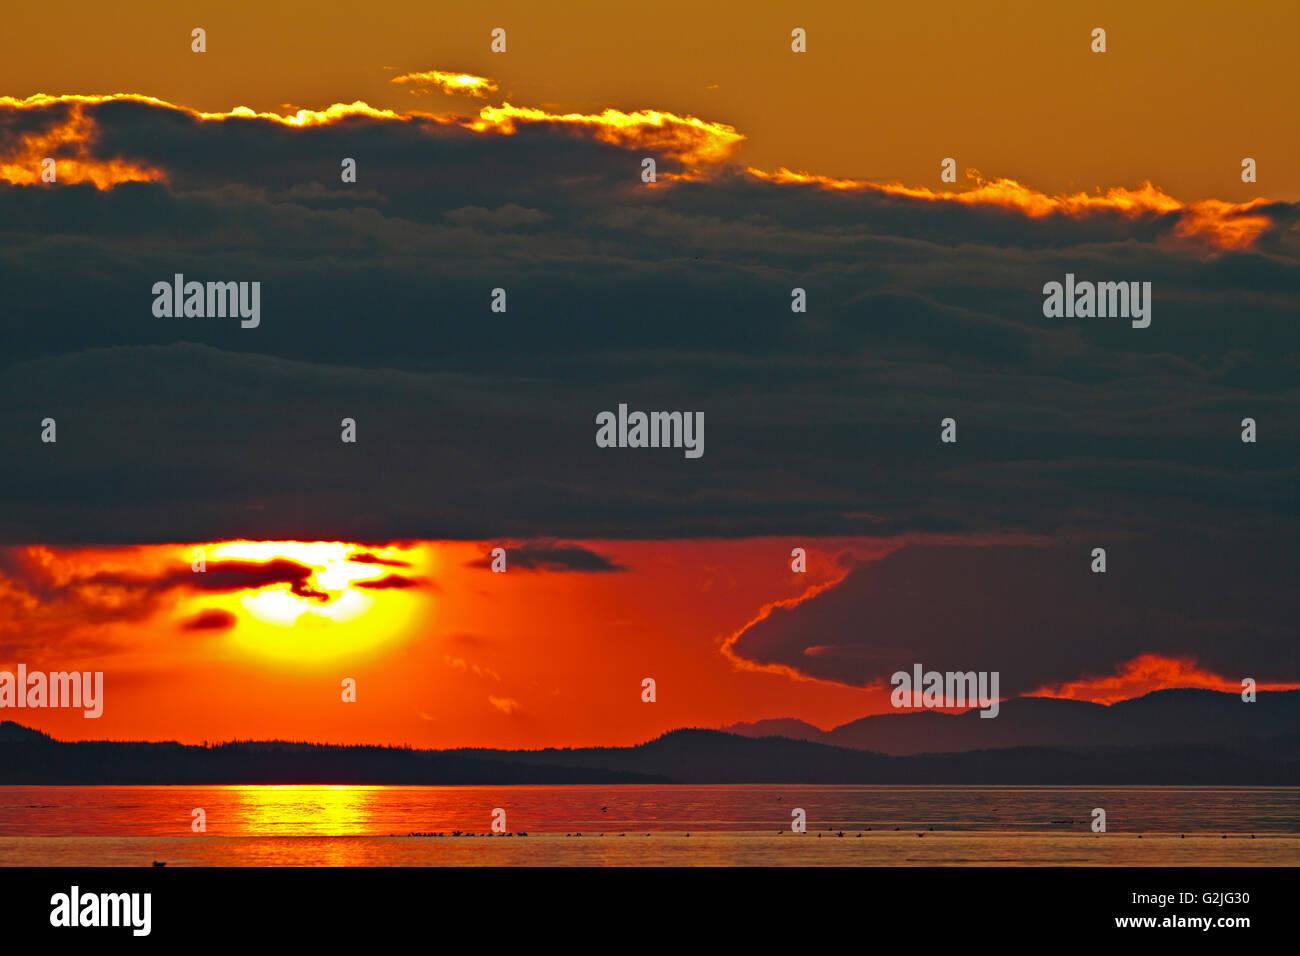 Atardecer con nubosidad Cormorant Island y el norte de la isla de Vancouver, British Columbia, Canadá. Imagen De Stock